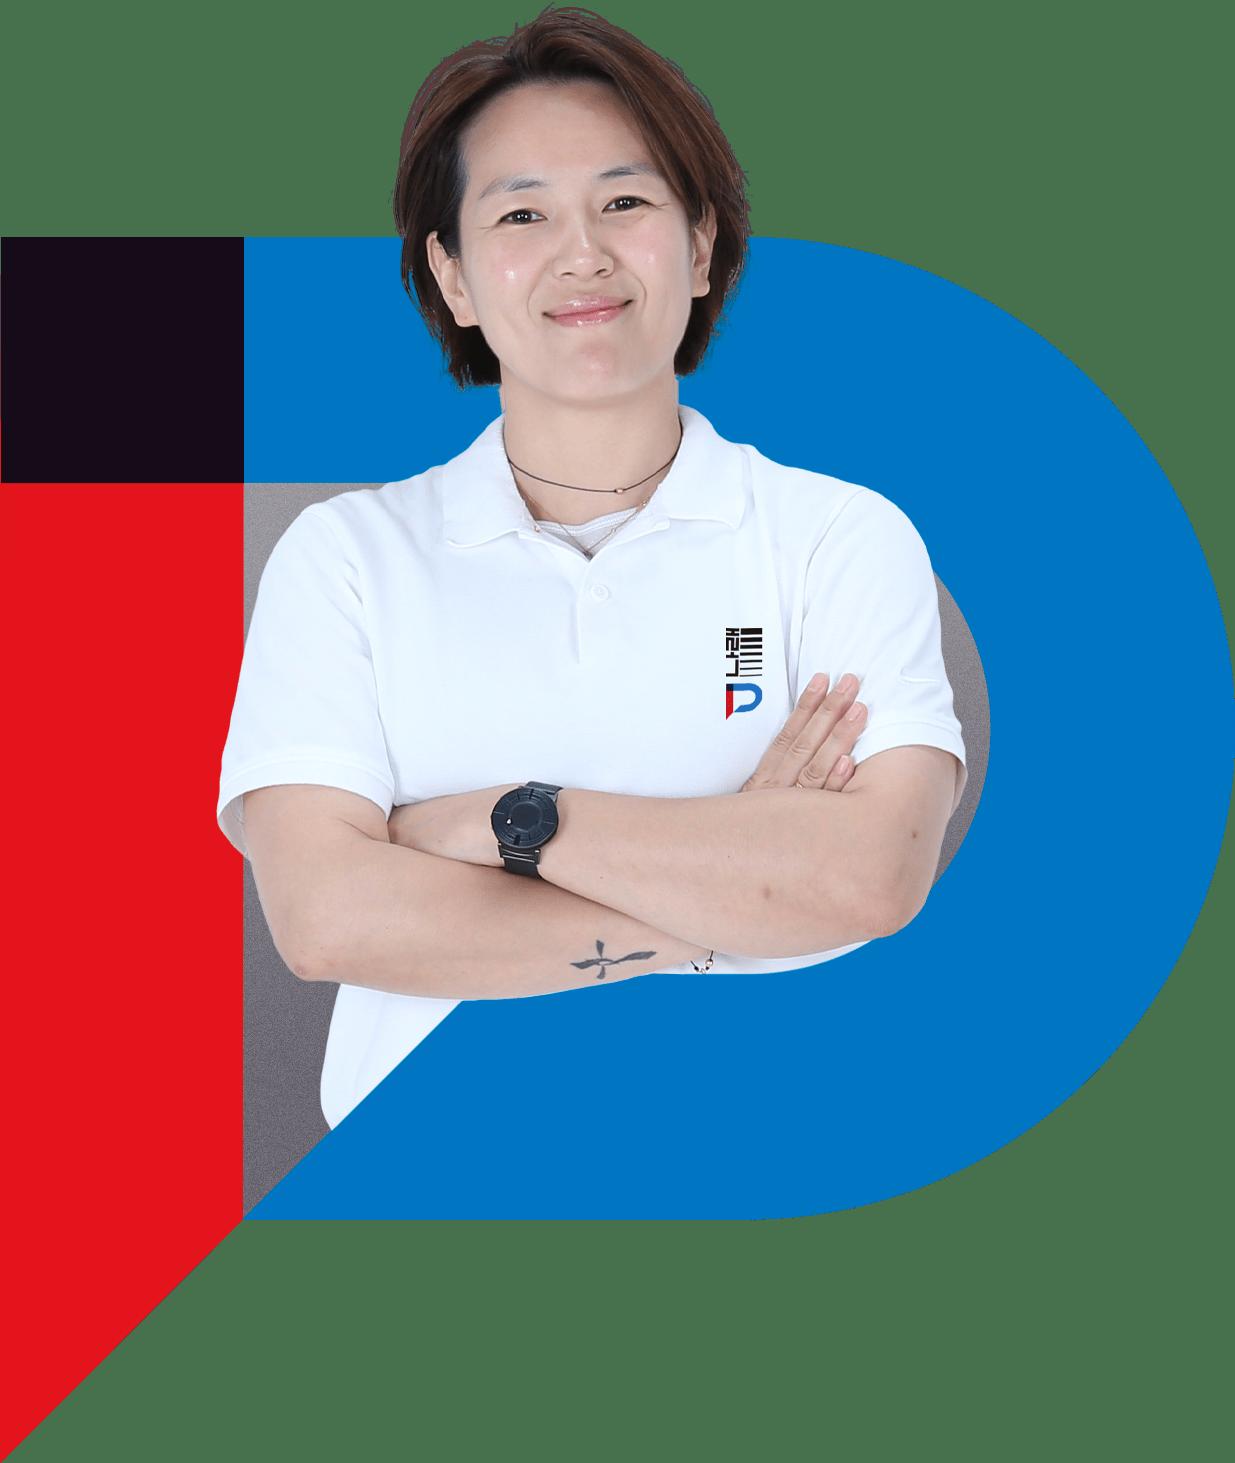 퍼포먼스피지오 조현정 대표 프로필 사진